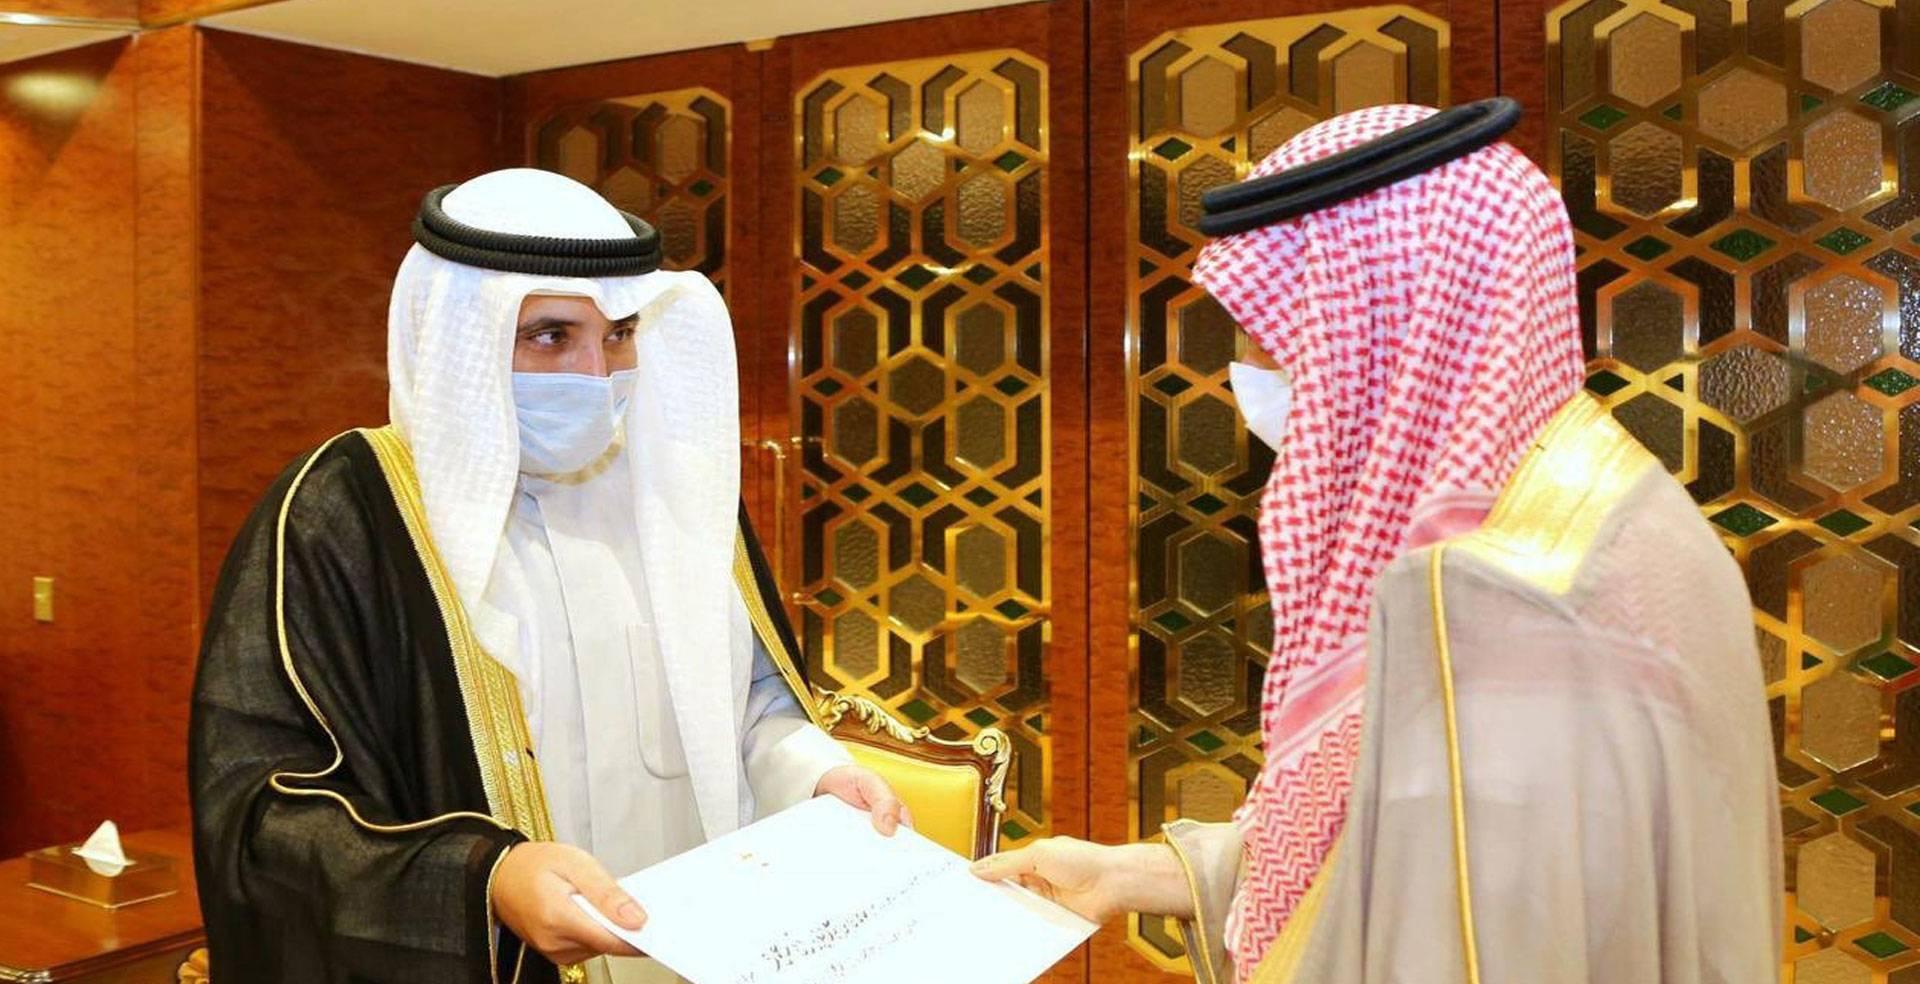 وزير الخارجية الشيخ الدكتور أحمد الناصر يسلم الرسالة لنظيره السعودي صاحب السمو الأمير فيصل بن فرحان بن عبدالله